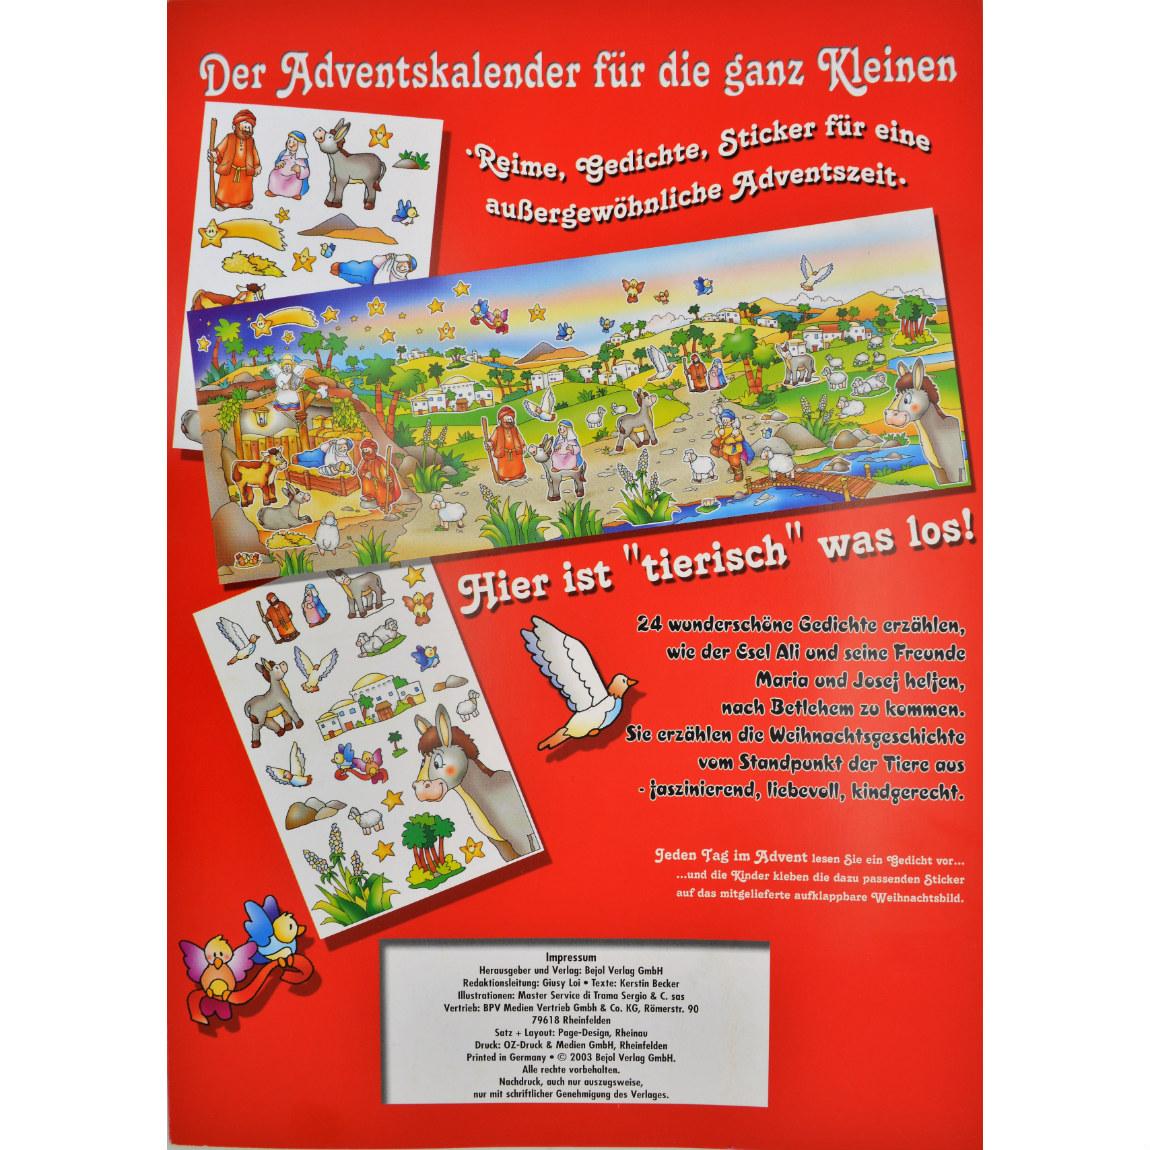 Basteln Weihnachten Kleinkind.Sticker Adventskalender Für Kleinkinder Zum Vorlesen Und Basteln